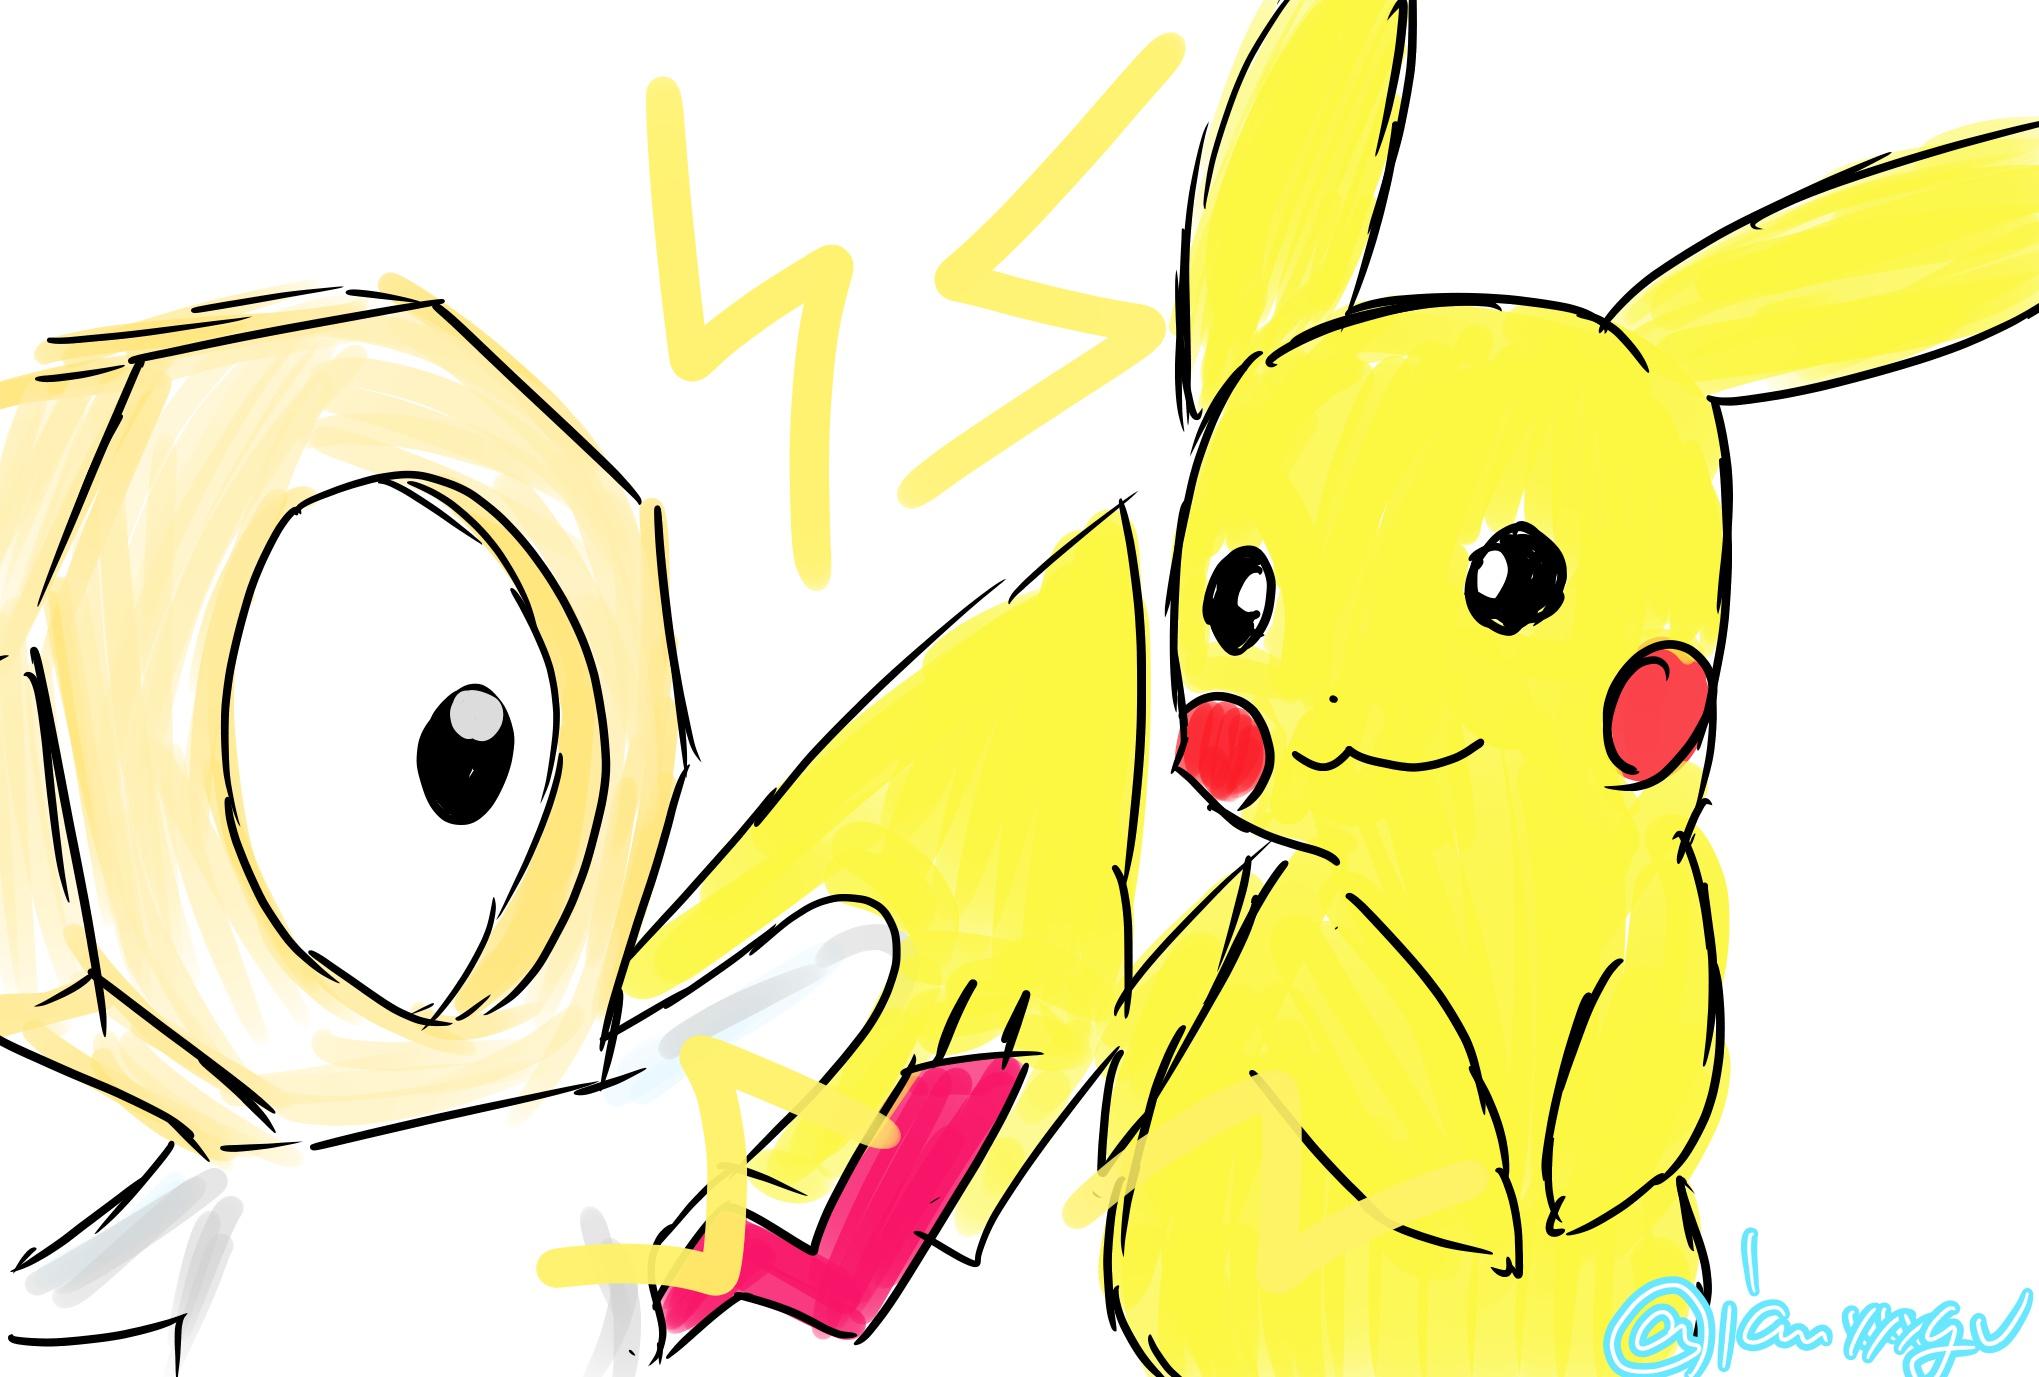 【ピカブイ】幻のポケモン:メルタンの新情報!そしてポケモンGOでGETする方法も・・!